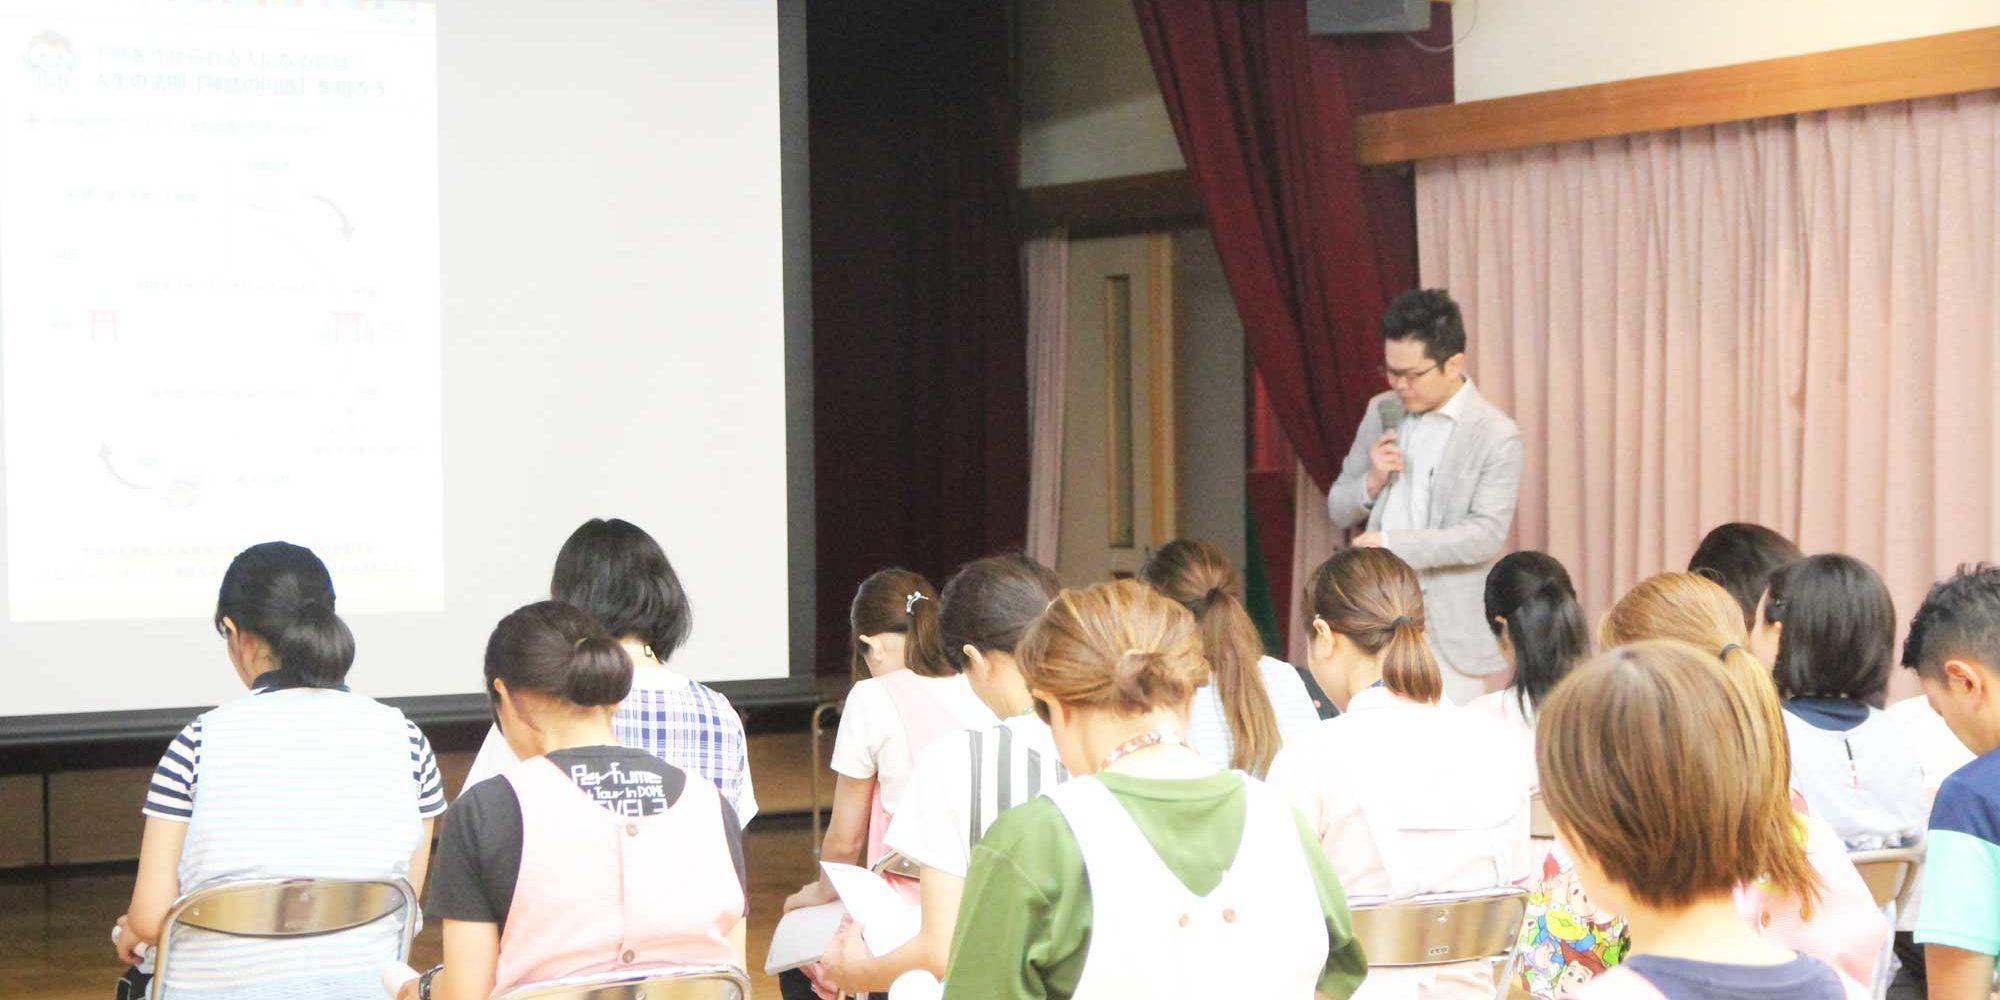 最近ではビジネスパーソン向けだけではなく保育園の先生にもセミナーも開催している